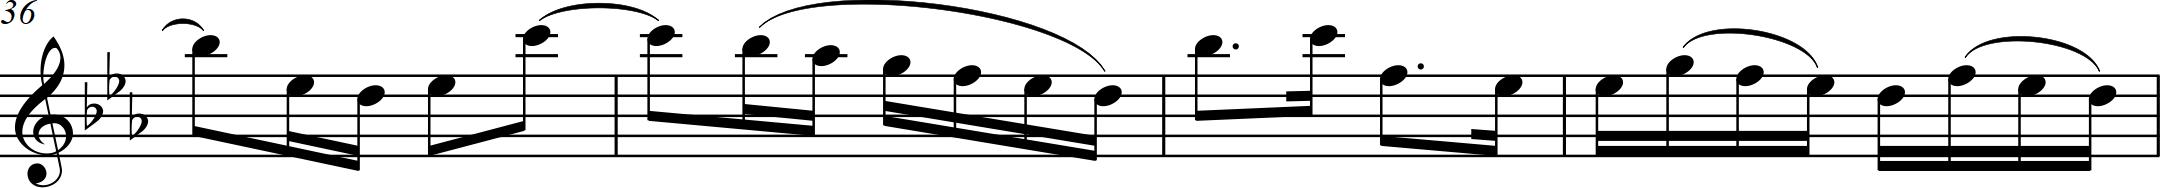 G8 Bach - Allegro (unmarked) - 36-39 vln